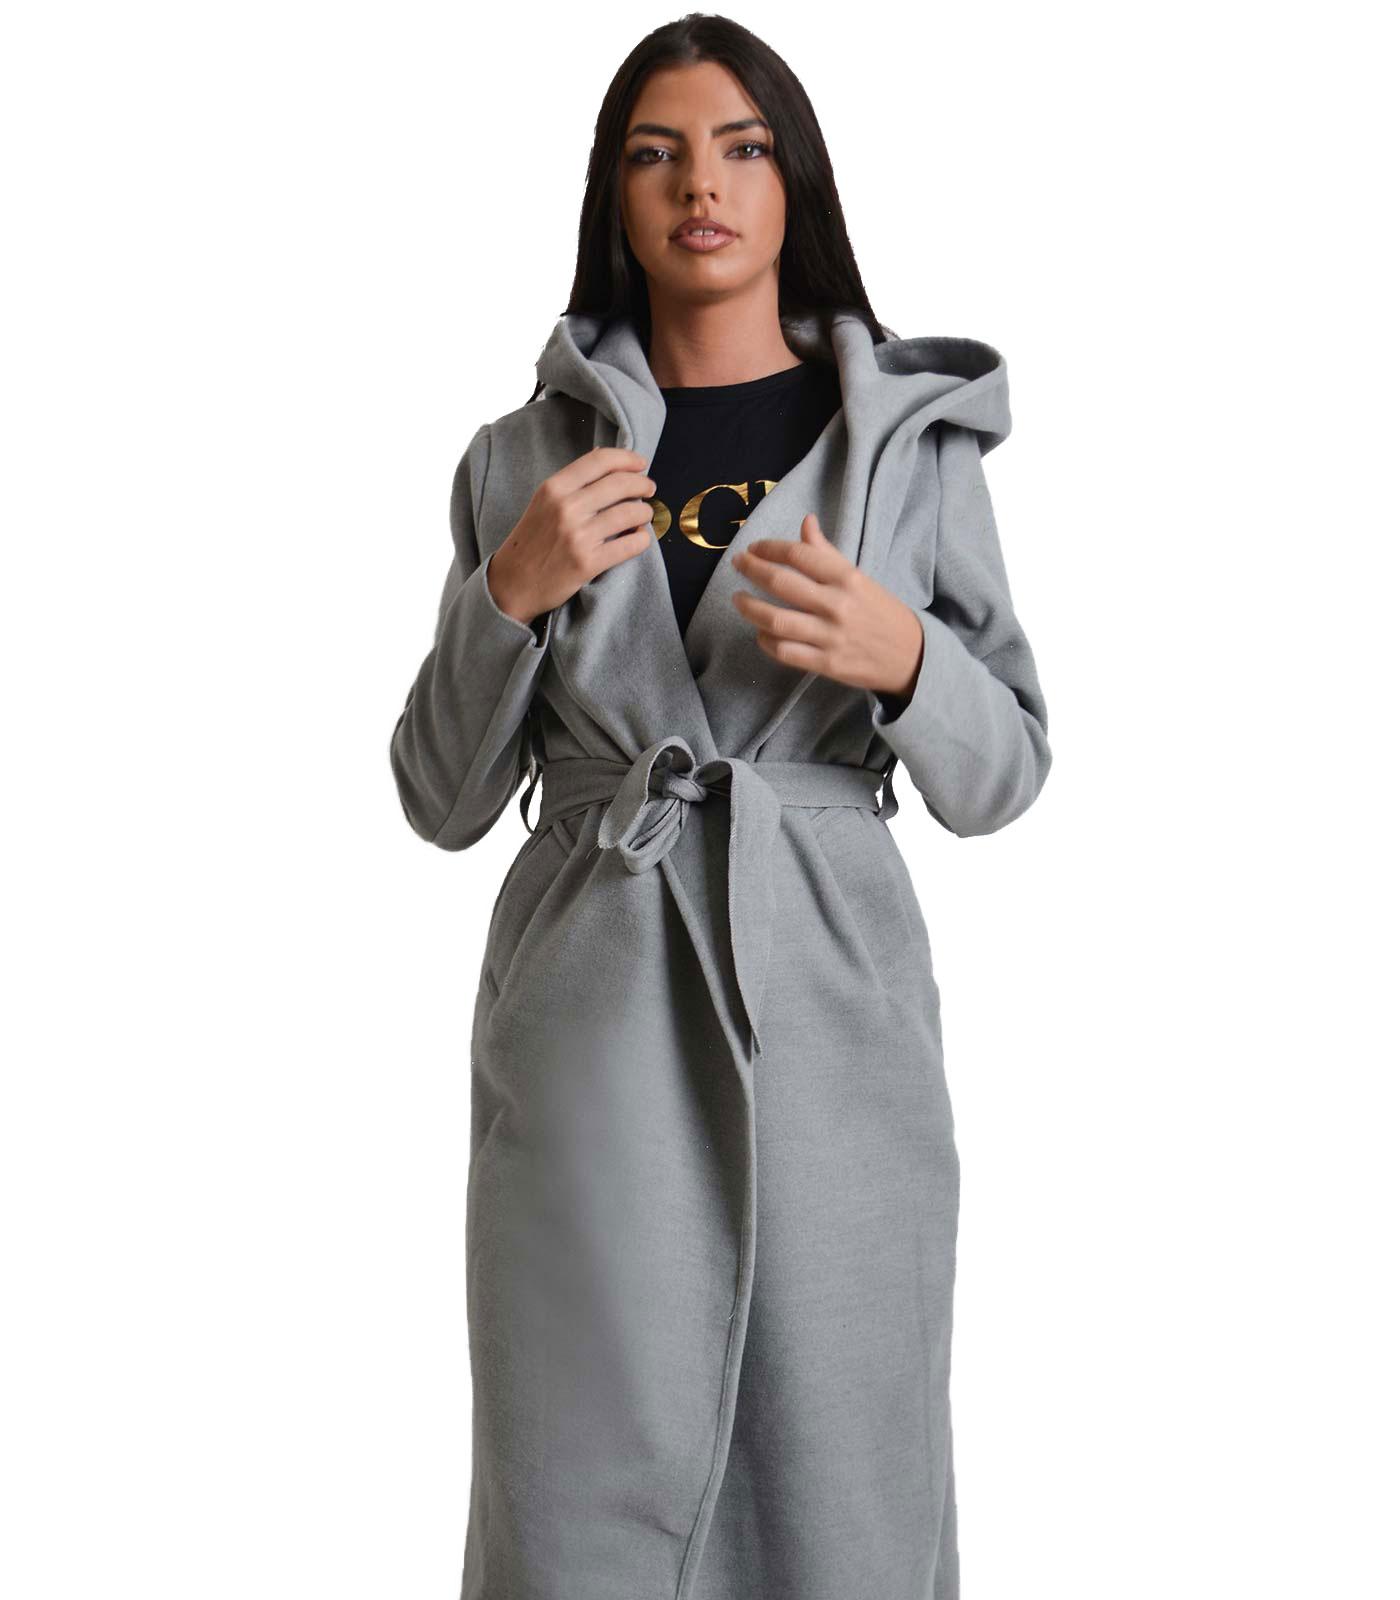 Γκρι παλτό με κουκούλα και τσέπες